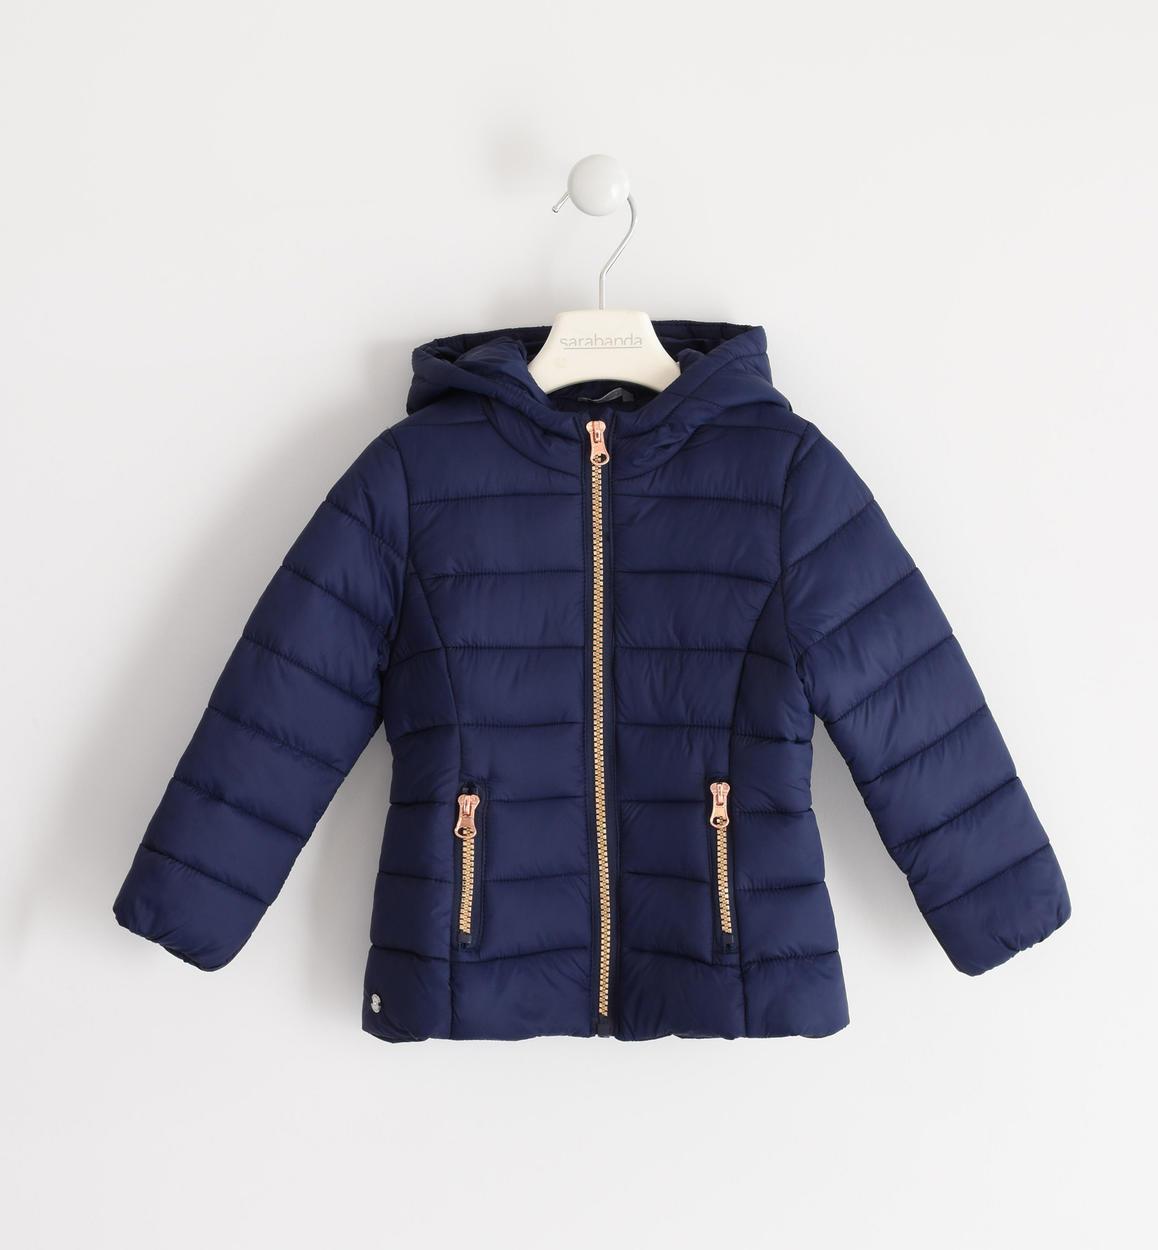 quality design dcb62 b993a Piumino modello 100 grammi con zip a contrasto per bambina da 6 mesi a 7  anni Sarabanda